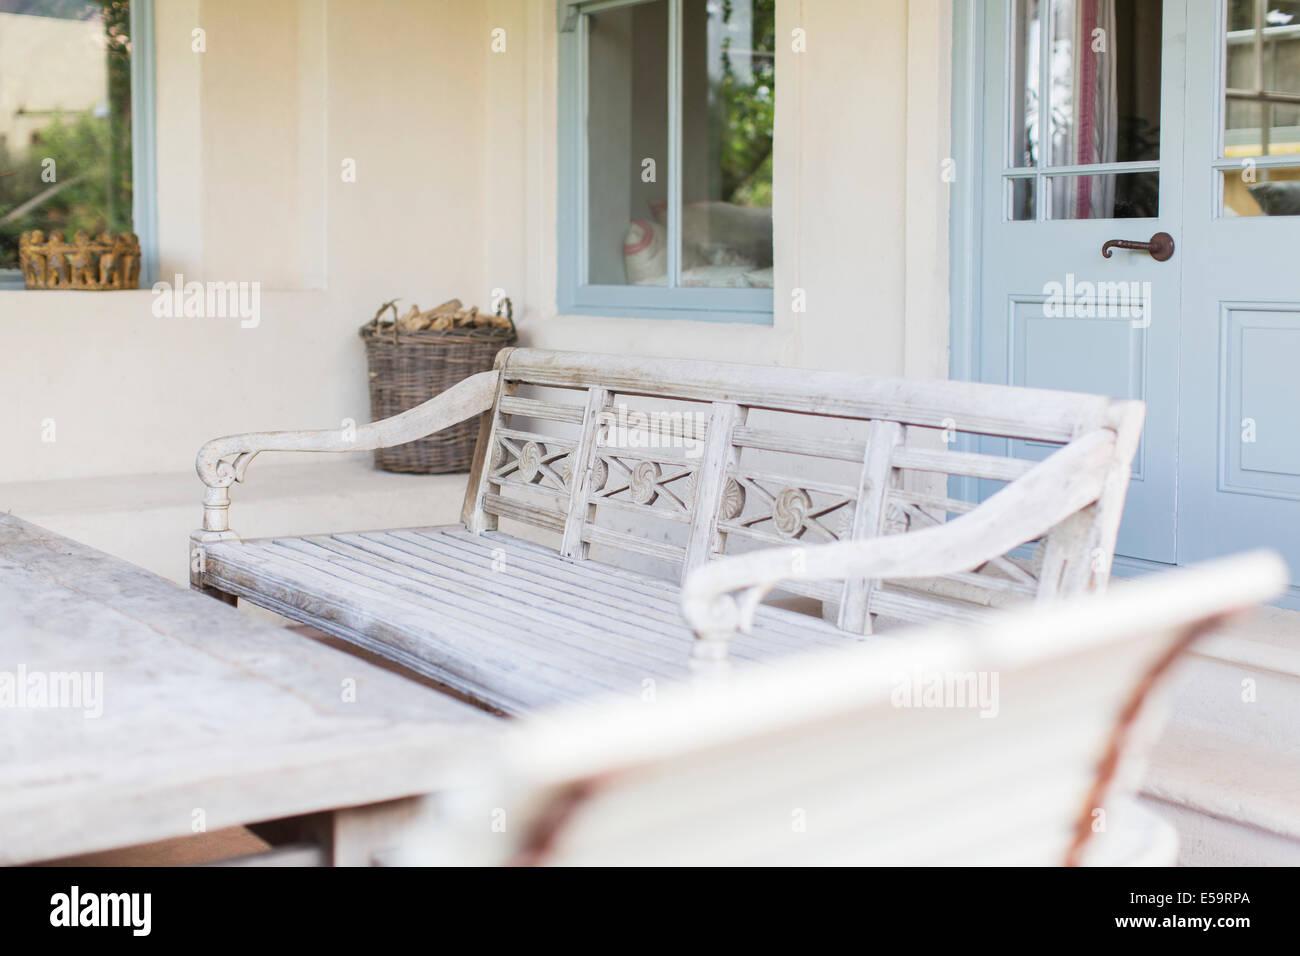 Banc et table de jardin moderne Photo Stock